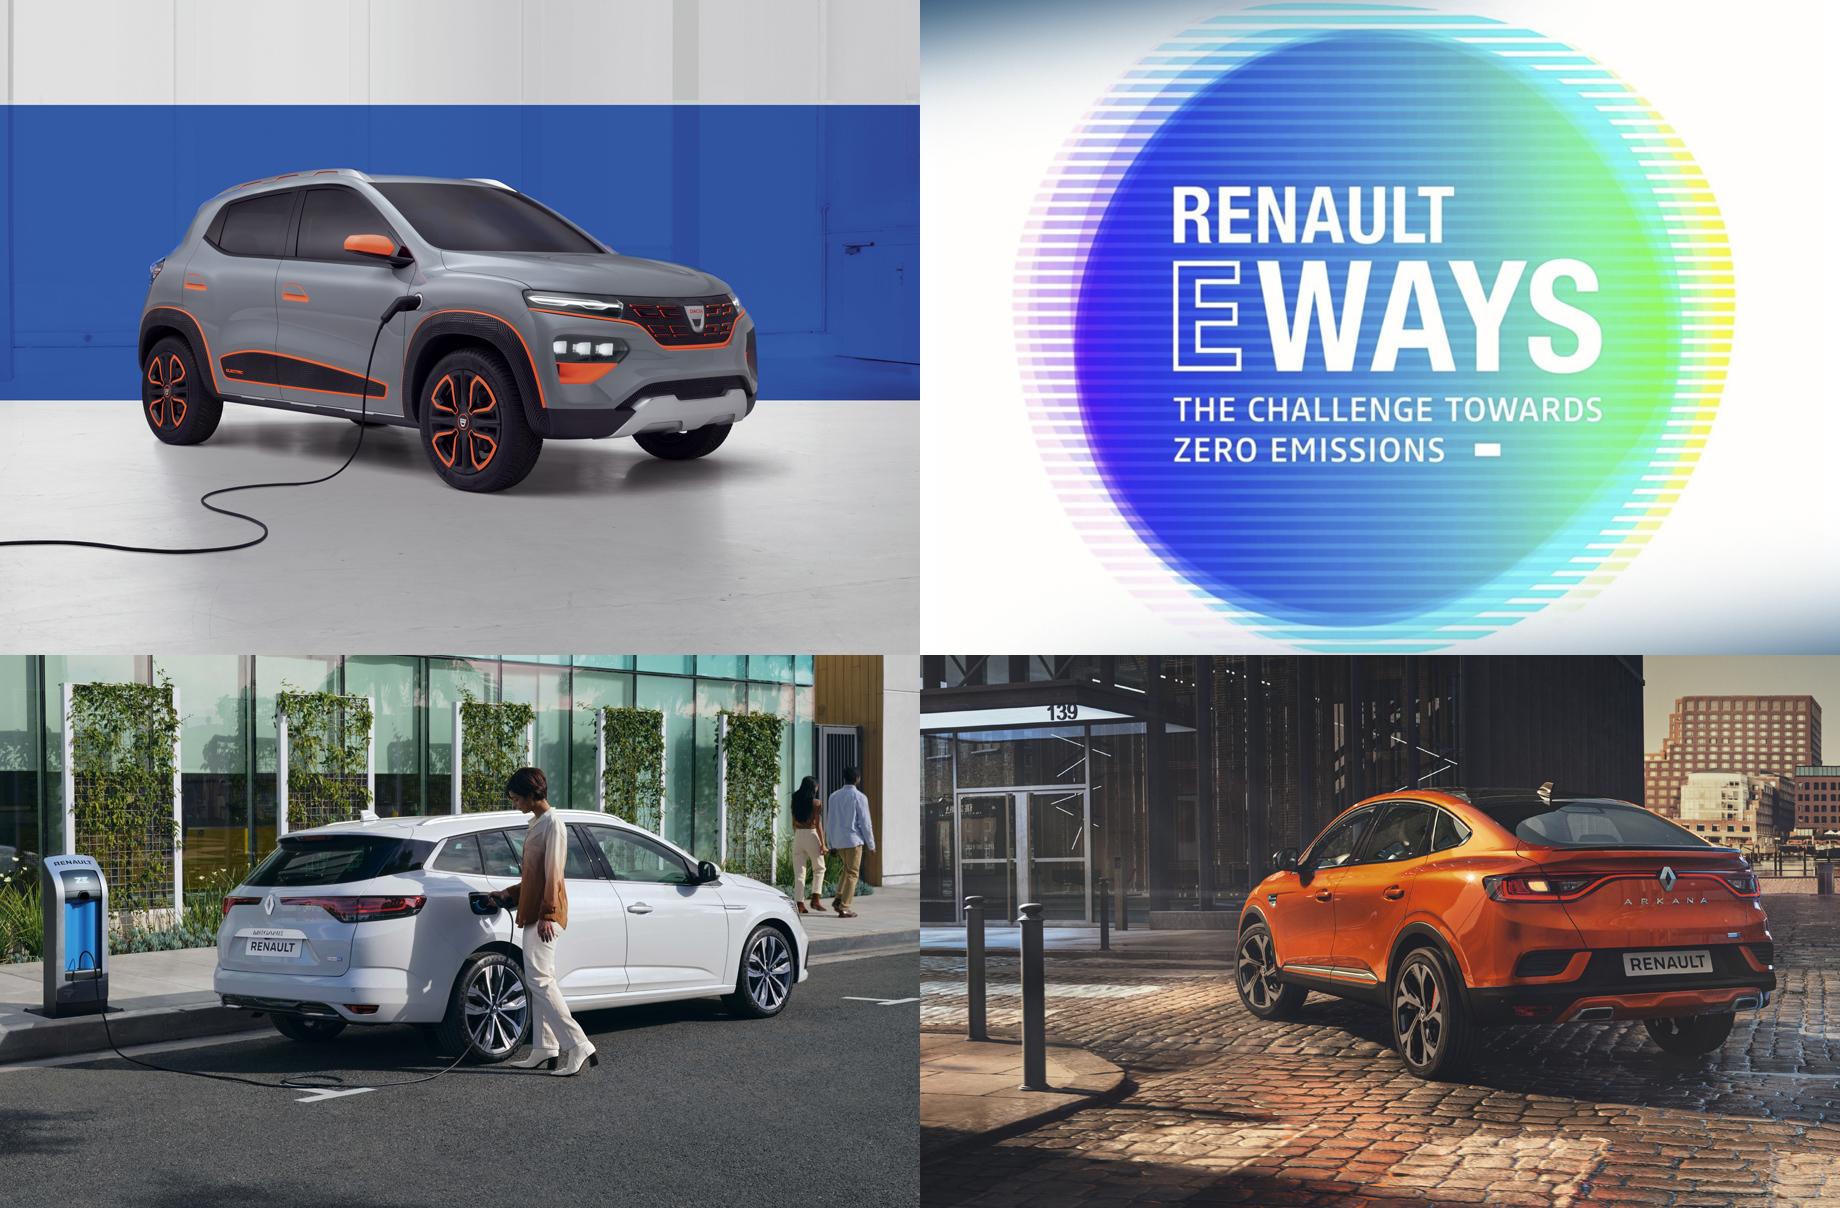 Электрический кроссовер Renault дебютирует наонлайн-шоу eWays